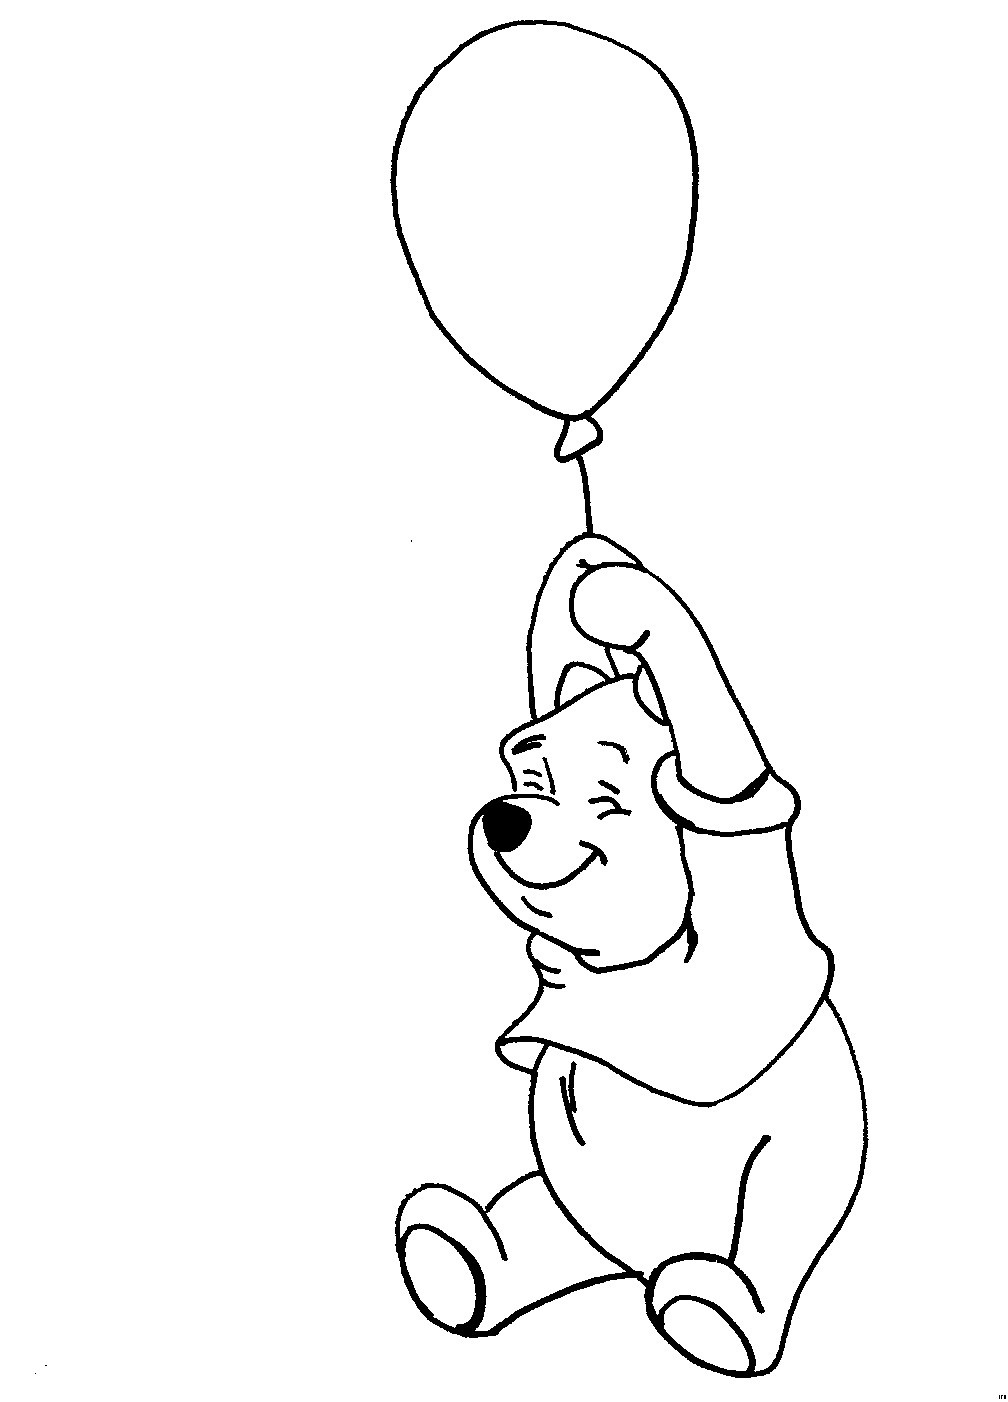 Ausmalbilder Winnie Pooh Und Seine Freunde Malvorlagen Das Beste Von Winnie Puh Mit Luftballon Ausmalbild & Malvorlage sonstiges Frisch Das Bild